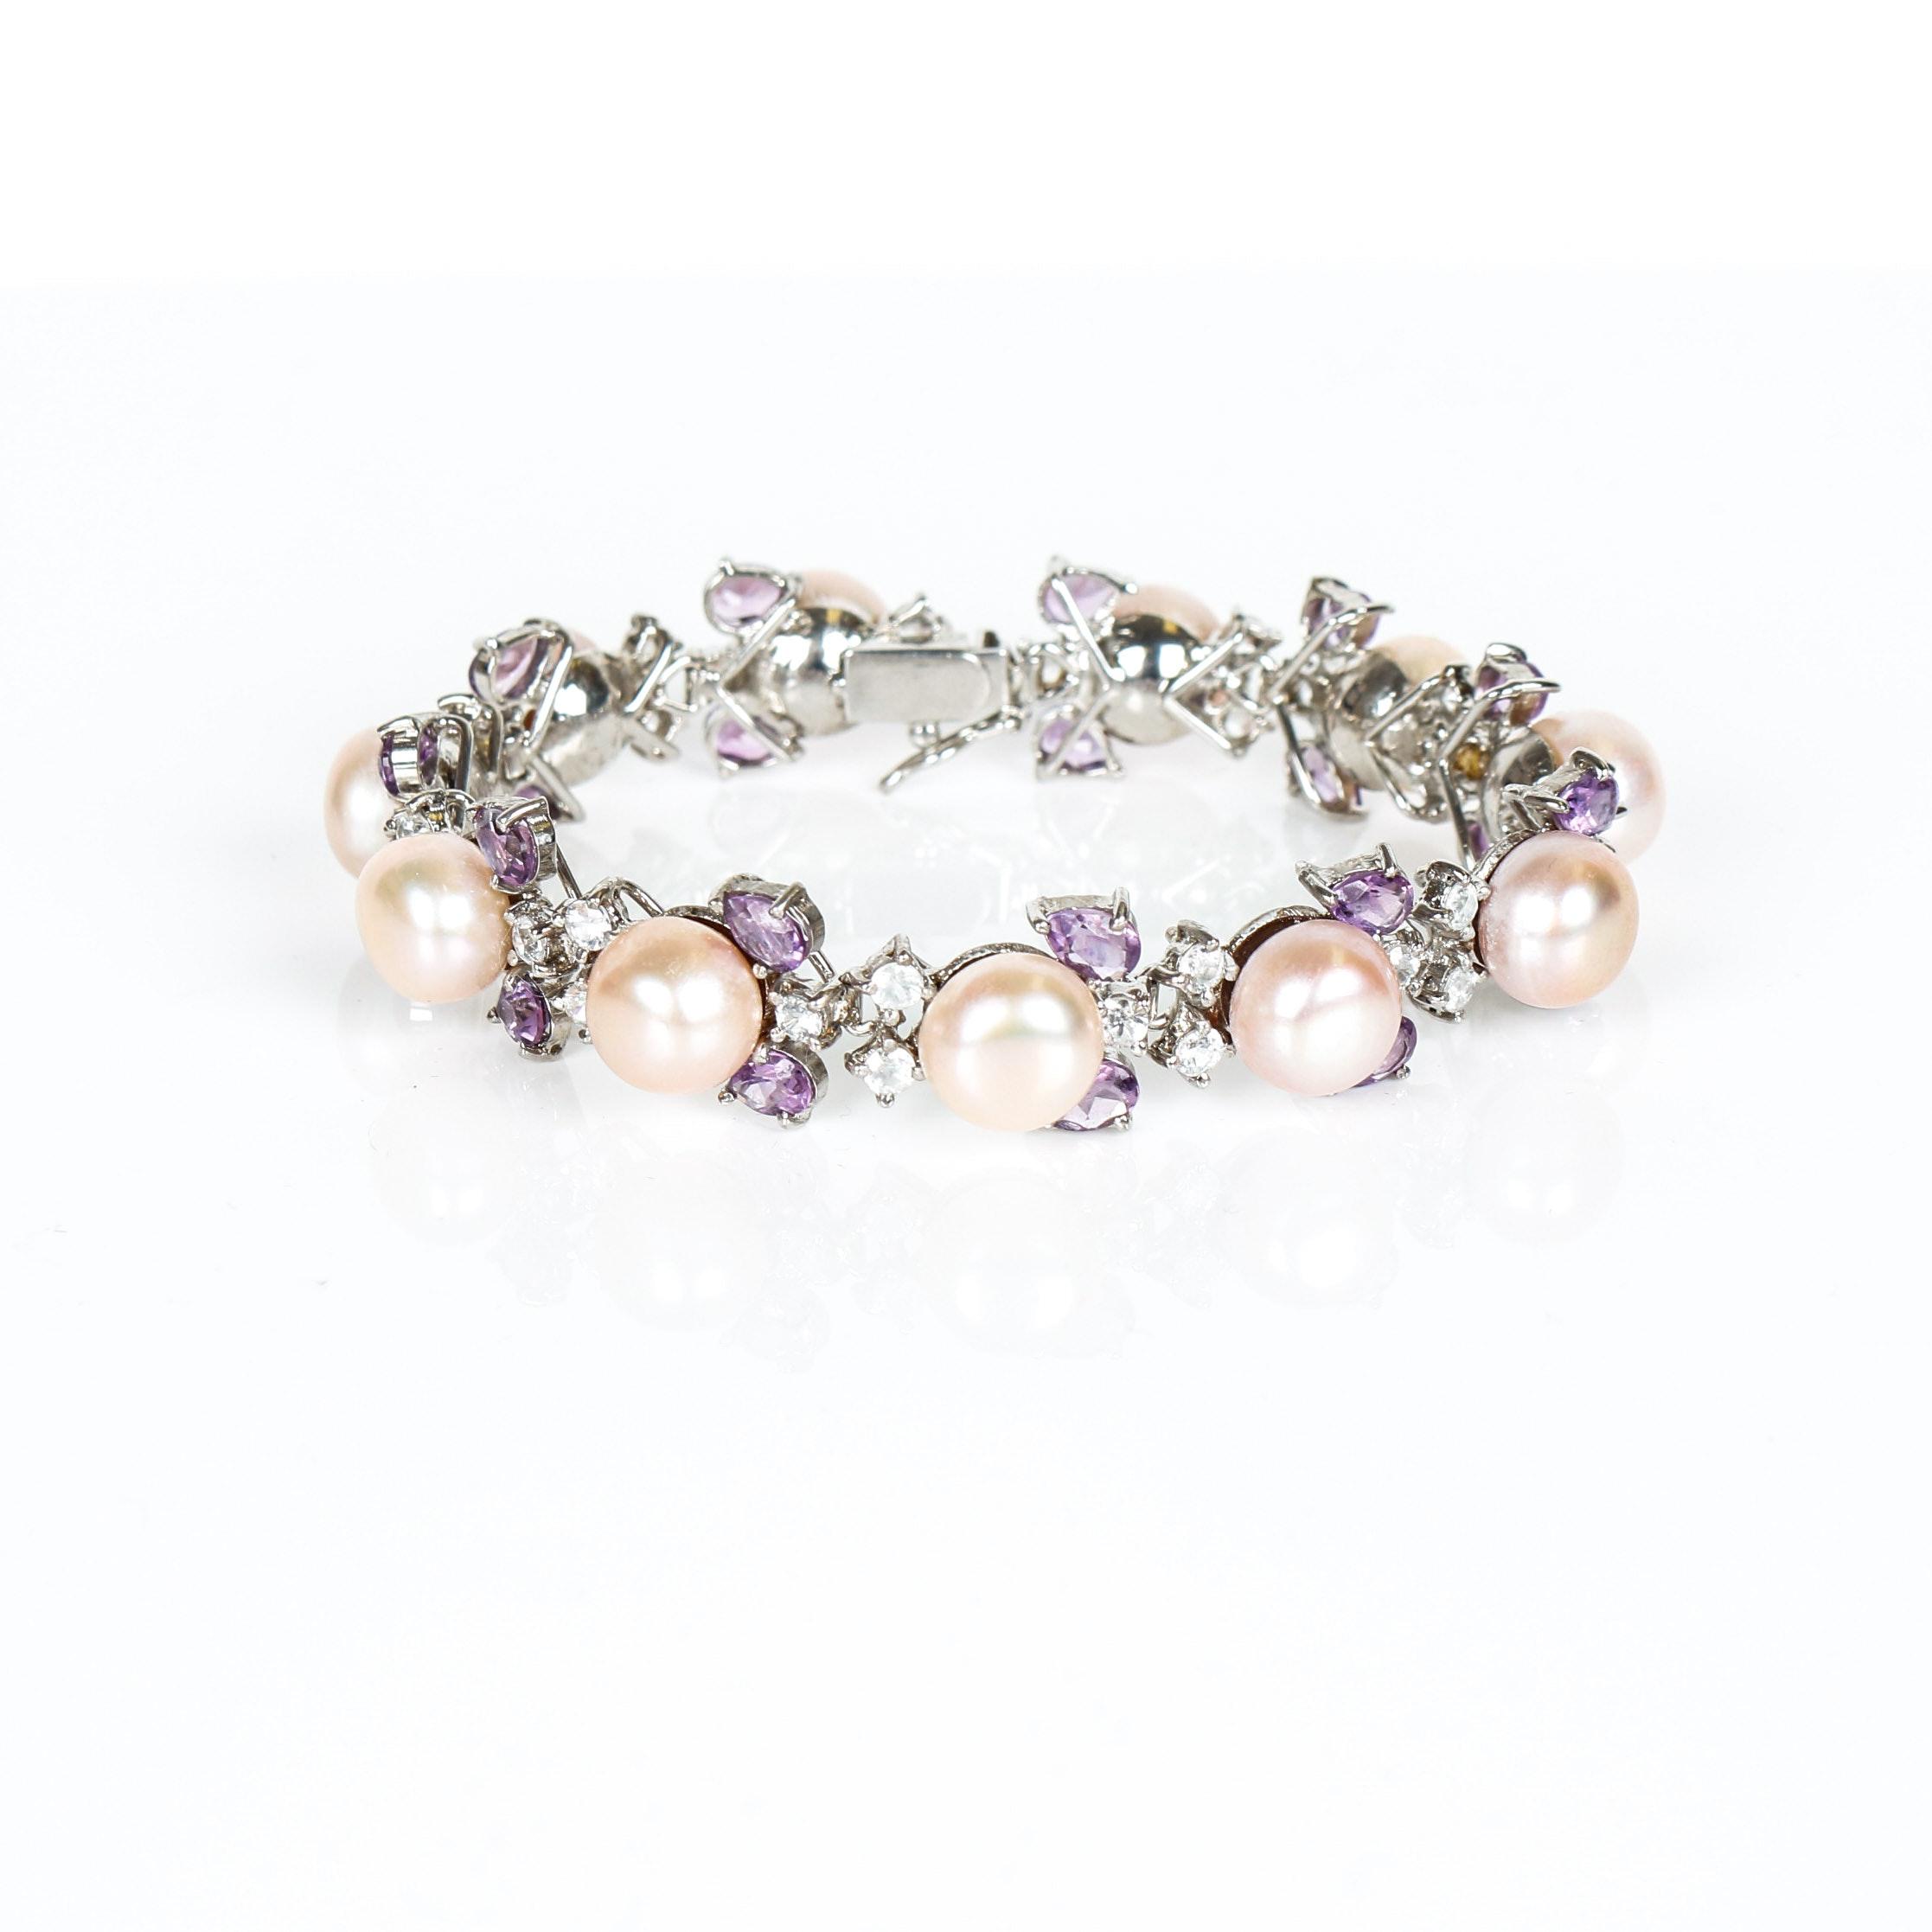 Vintage Freshwater Cultured Pearl, Amethyst, Topaz, Sterling Silver Bracelet